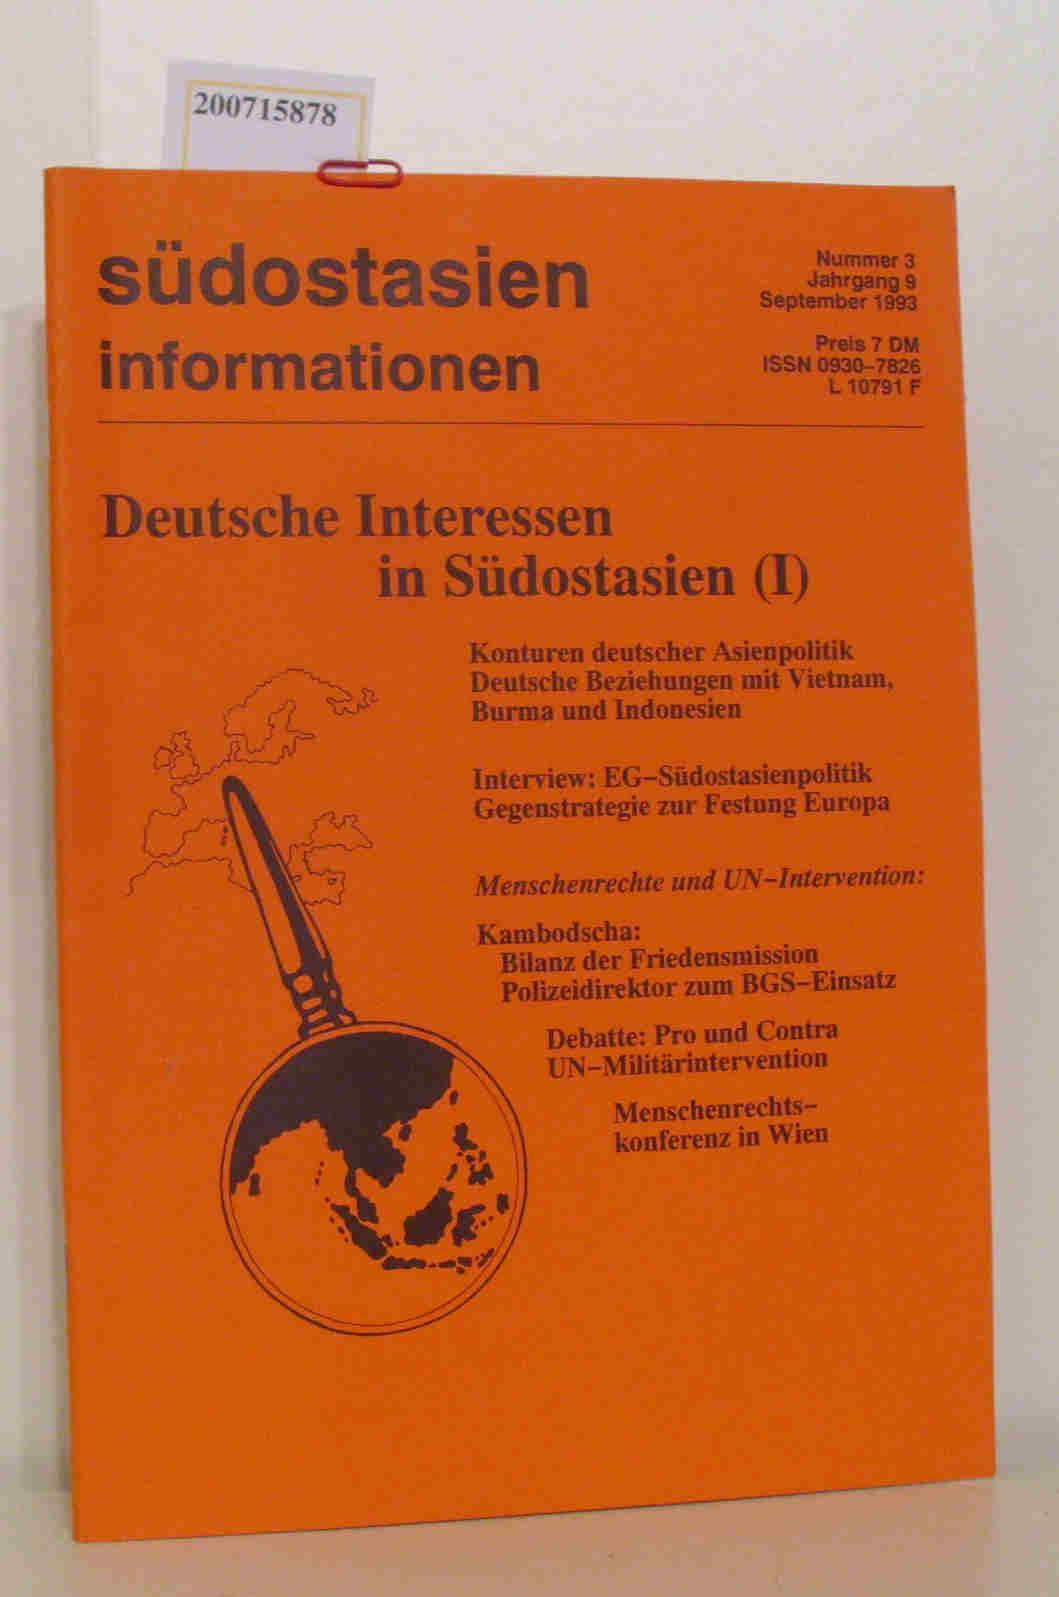 Südostasien Information Nr. 3, Jhrgang 9, Sept. 1993 Deutsche Interessen in Südostasien (1)